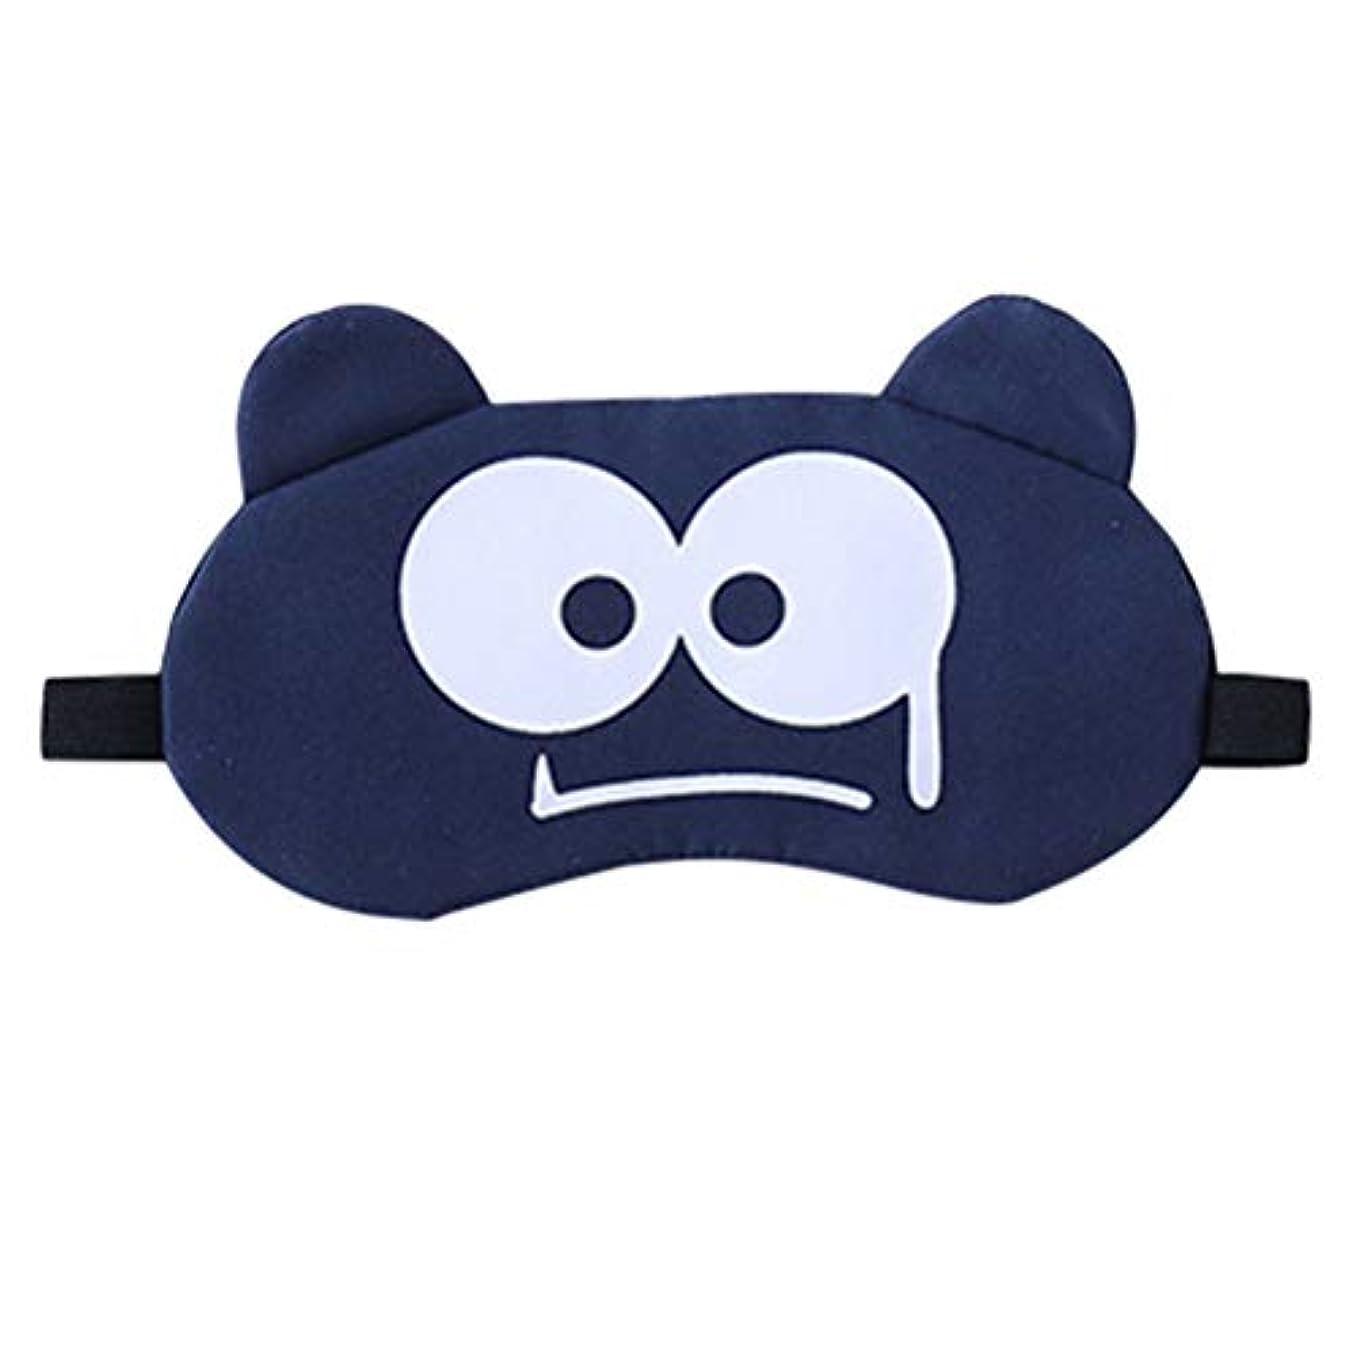 ジャケット傾向があるアークLurrose 冷却アイマスク日陰昼寝カバー面白い目隠し休憩援助疲労軽減通気性アイパッチ